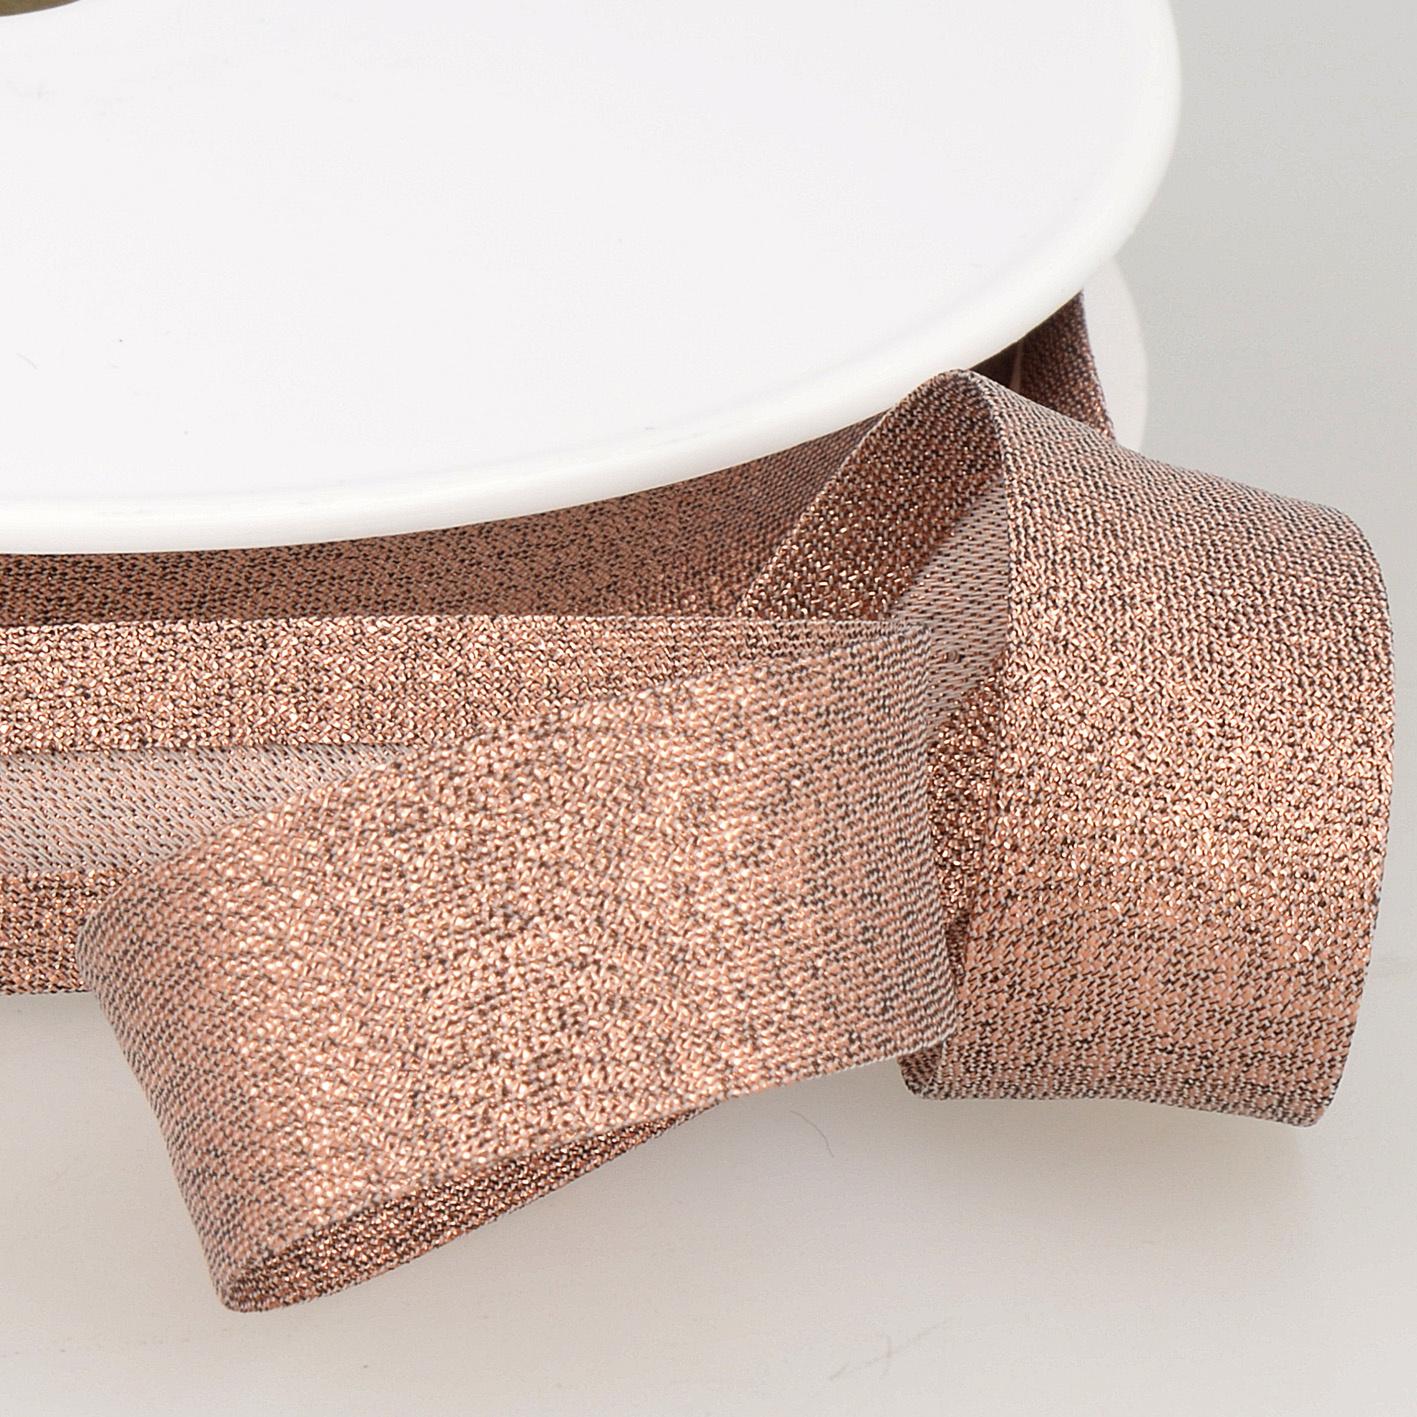 Biais Metallic - 18 mm - Rosé Goud-1